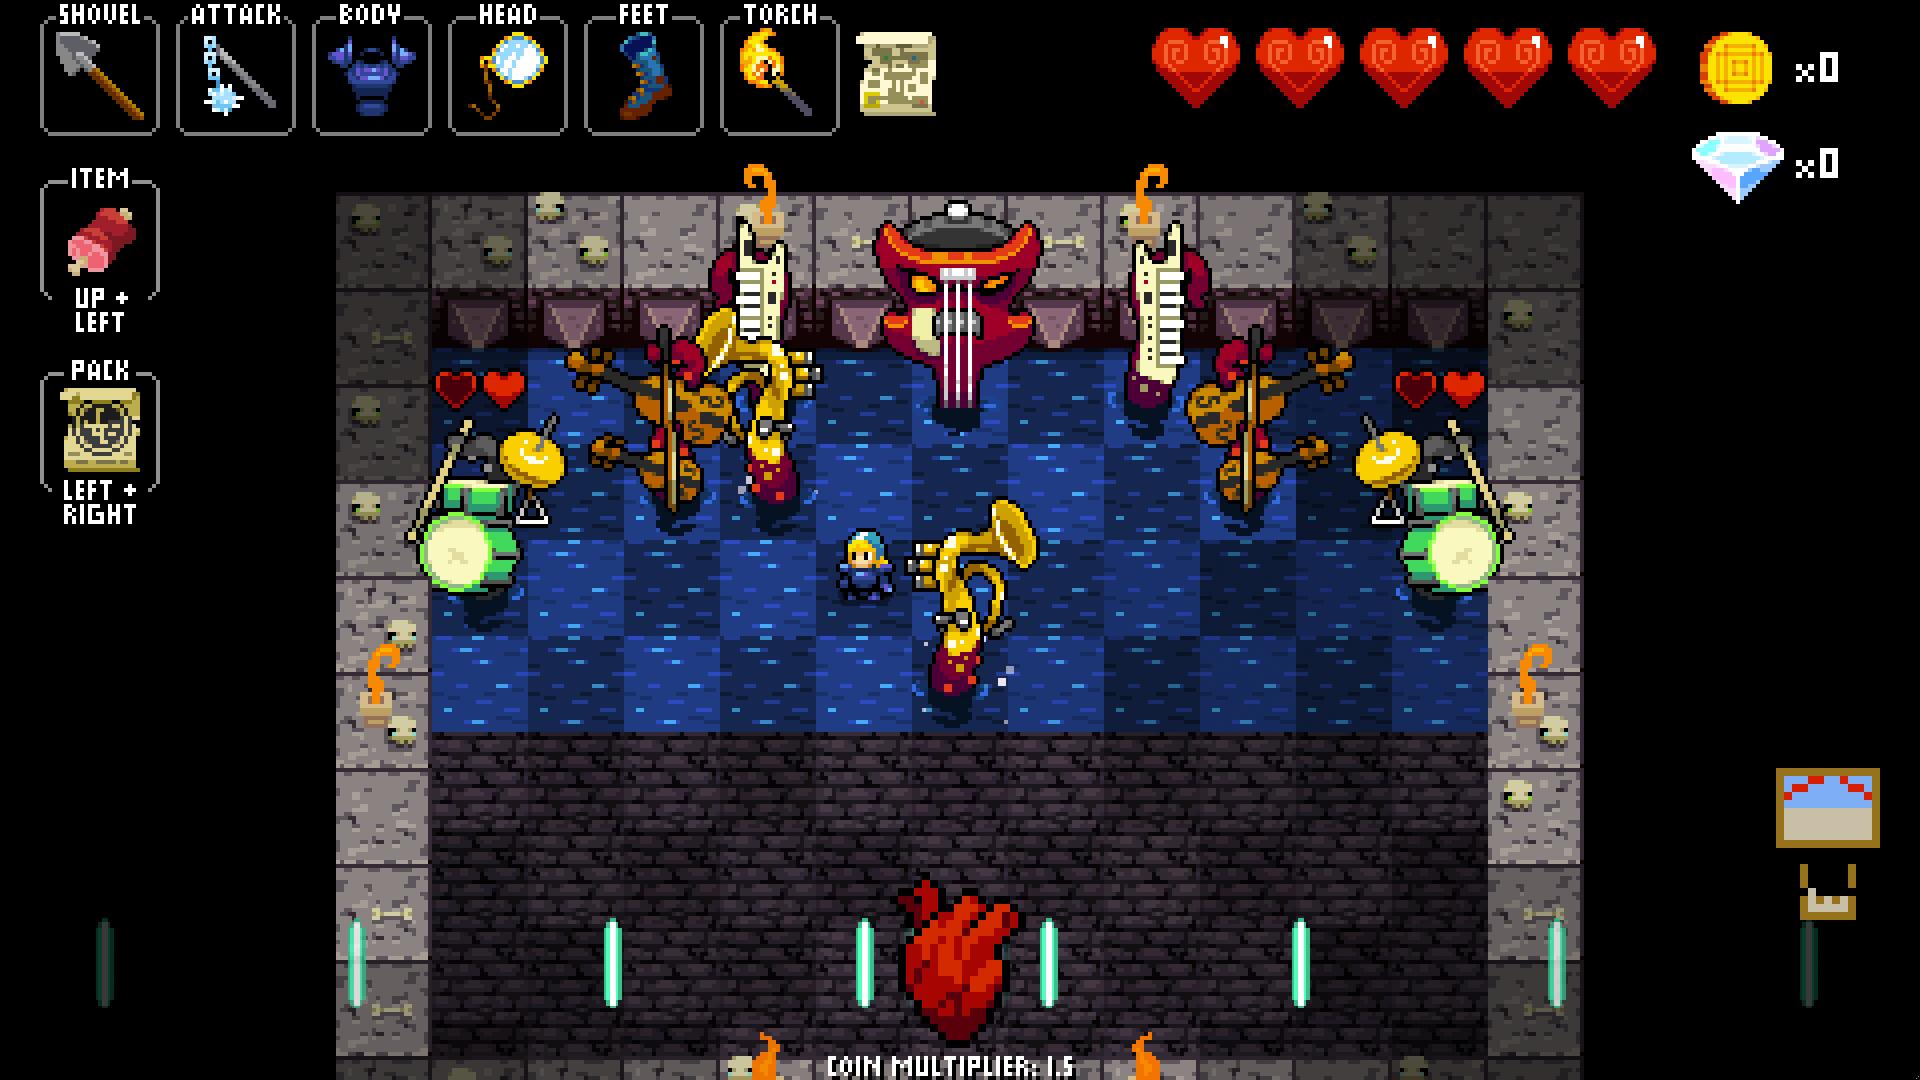 Crypt of the NecroDancer screenshot 13